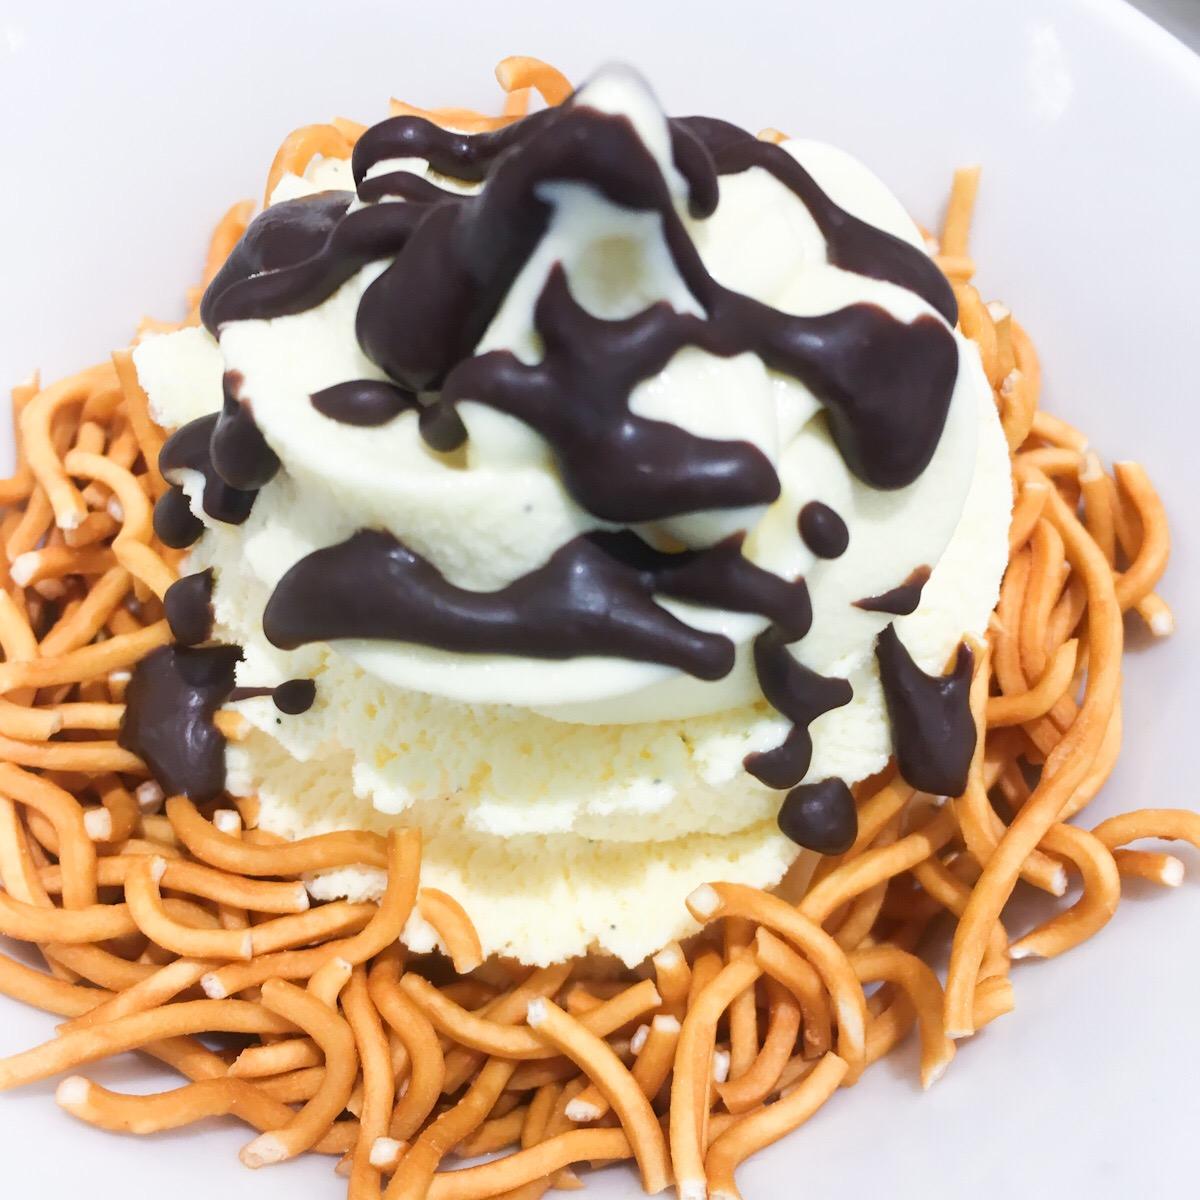 ベビースターの入ったソフトクリームが意外な美味さ!回転寿司の「魚べい」